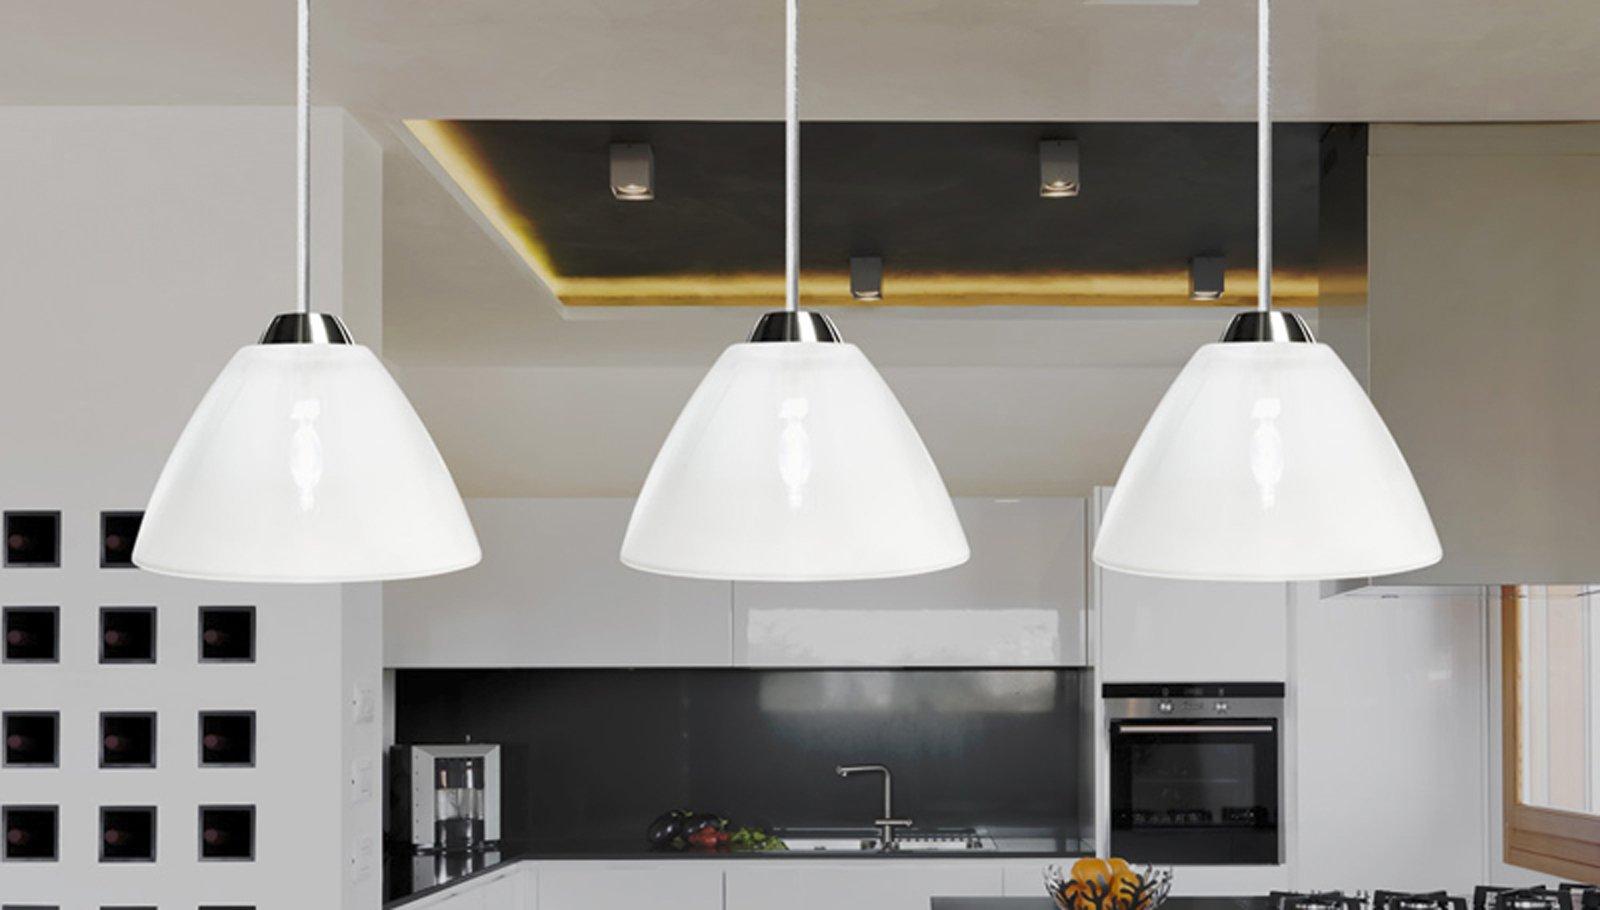 Lampadari  a quale altezza appenderli?   Cose di Casa -> Lampadari Cucina Eleganti